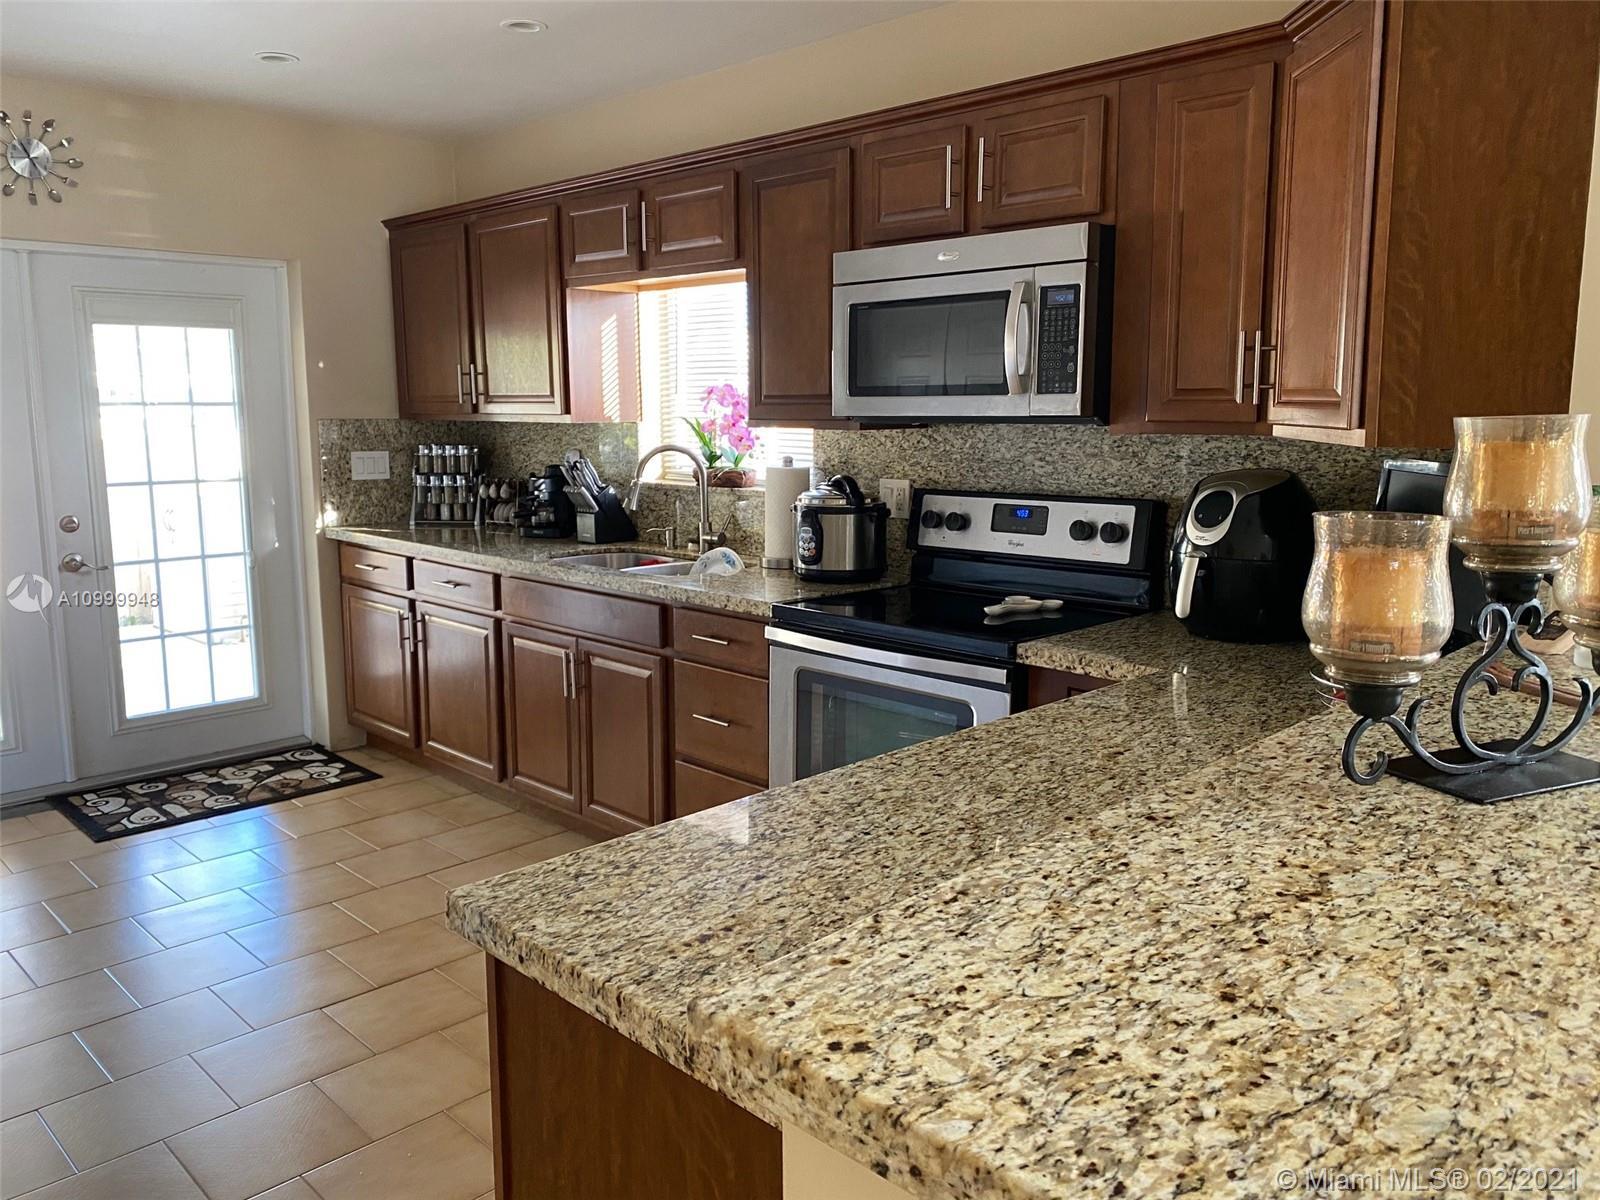 Coral Villas - 2931 SW 67th Ave, Miami, FL 33155